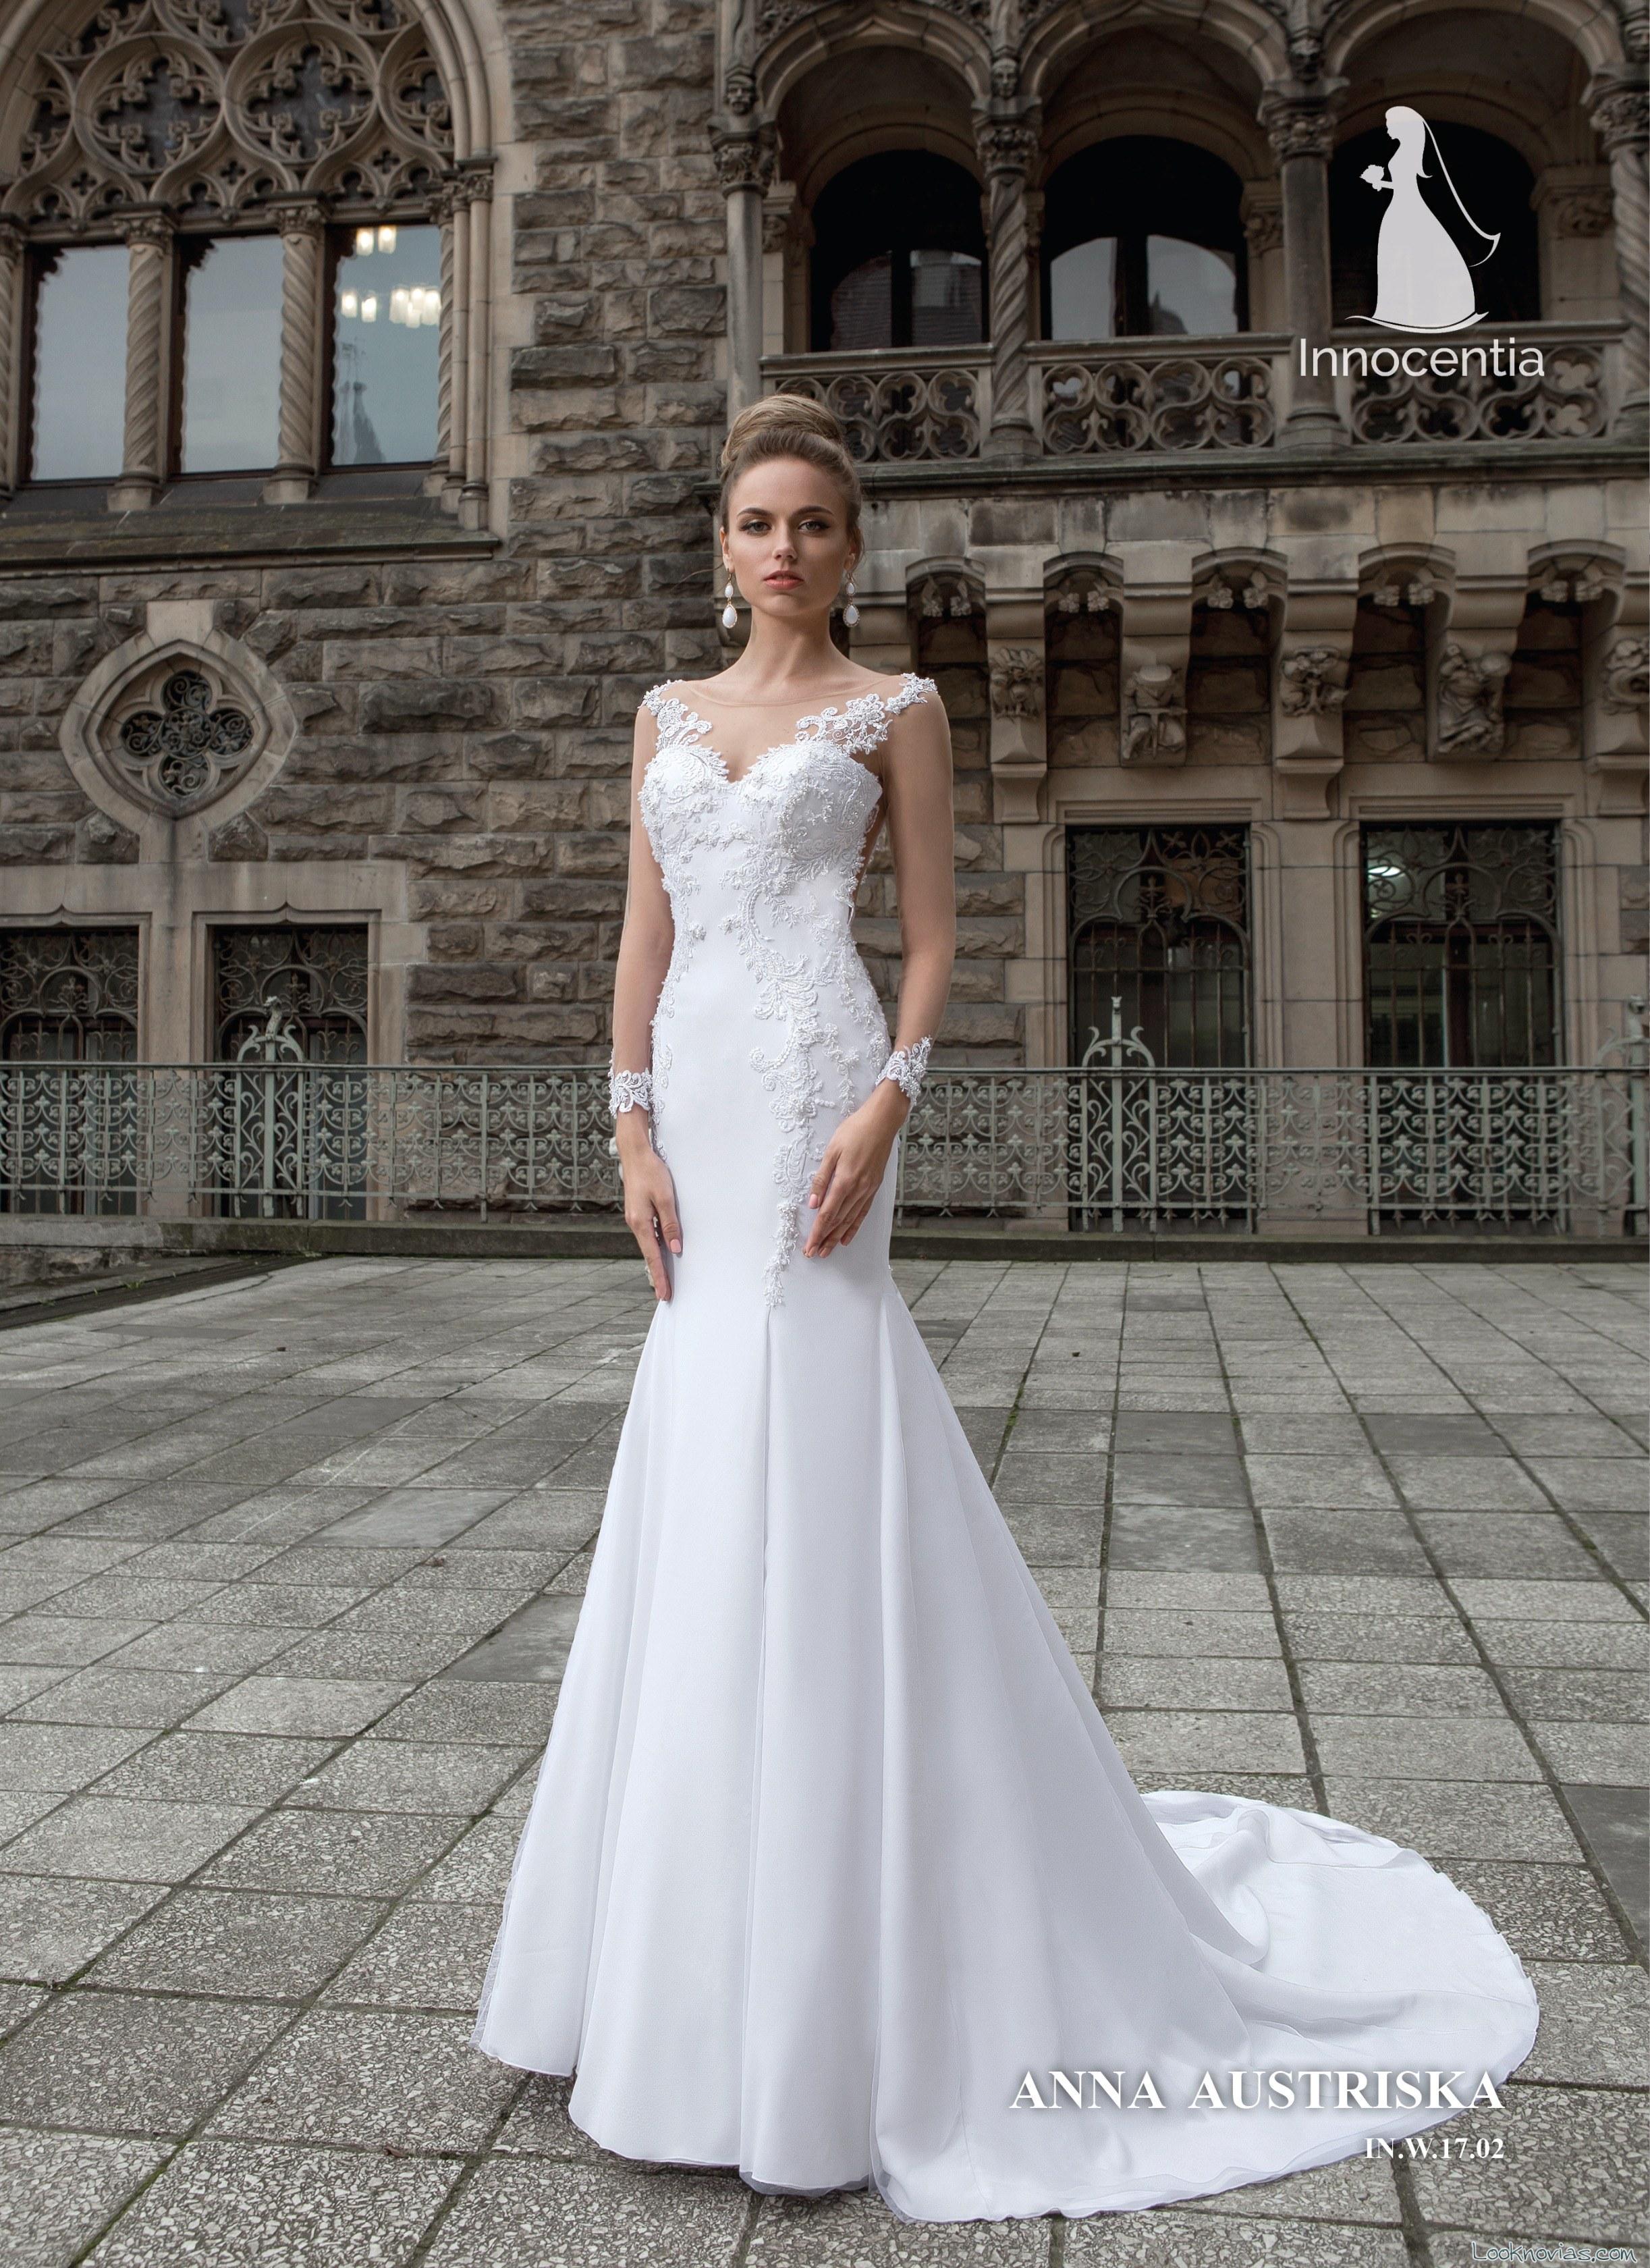 vestido recto elegante novias innocentia